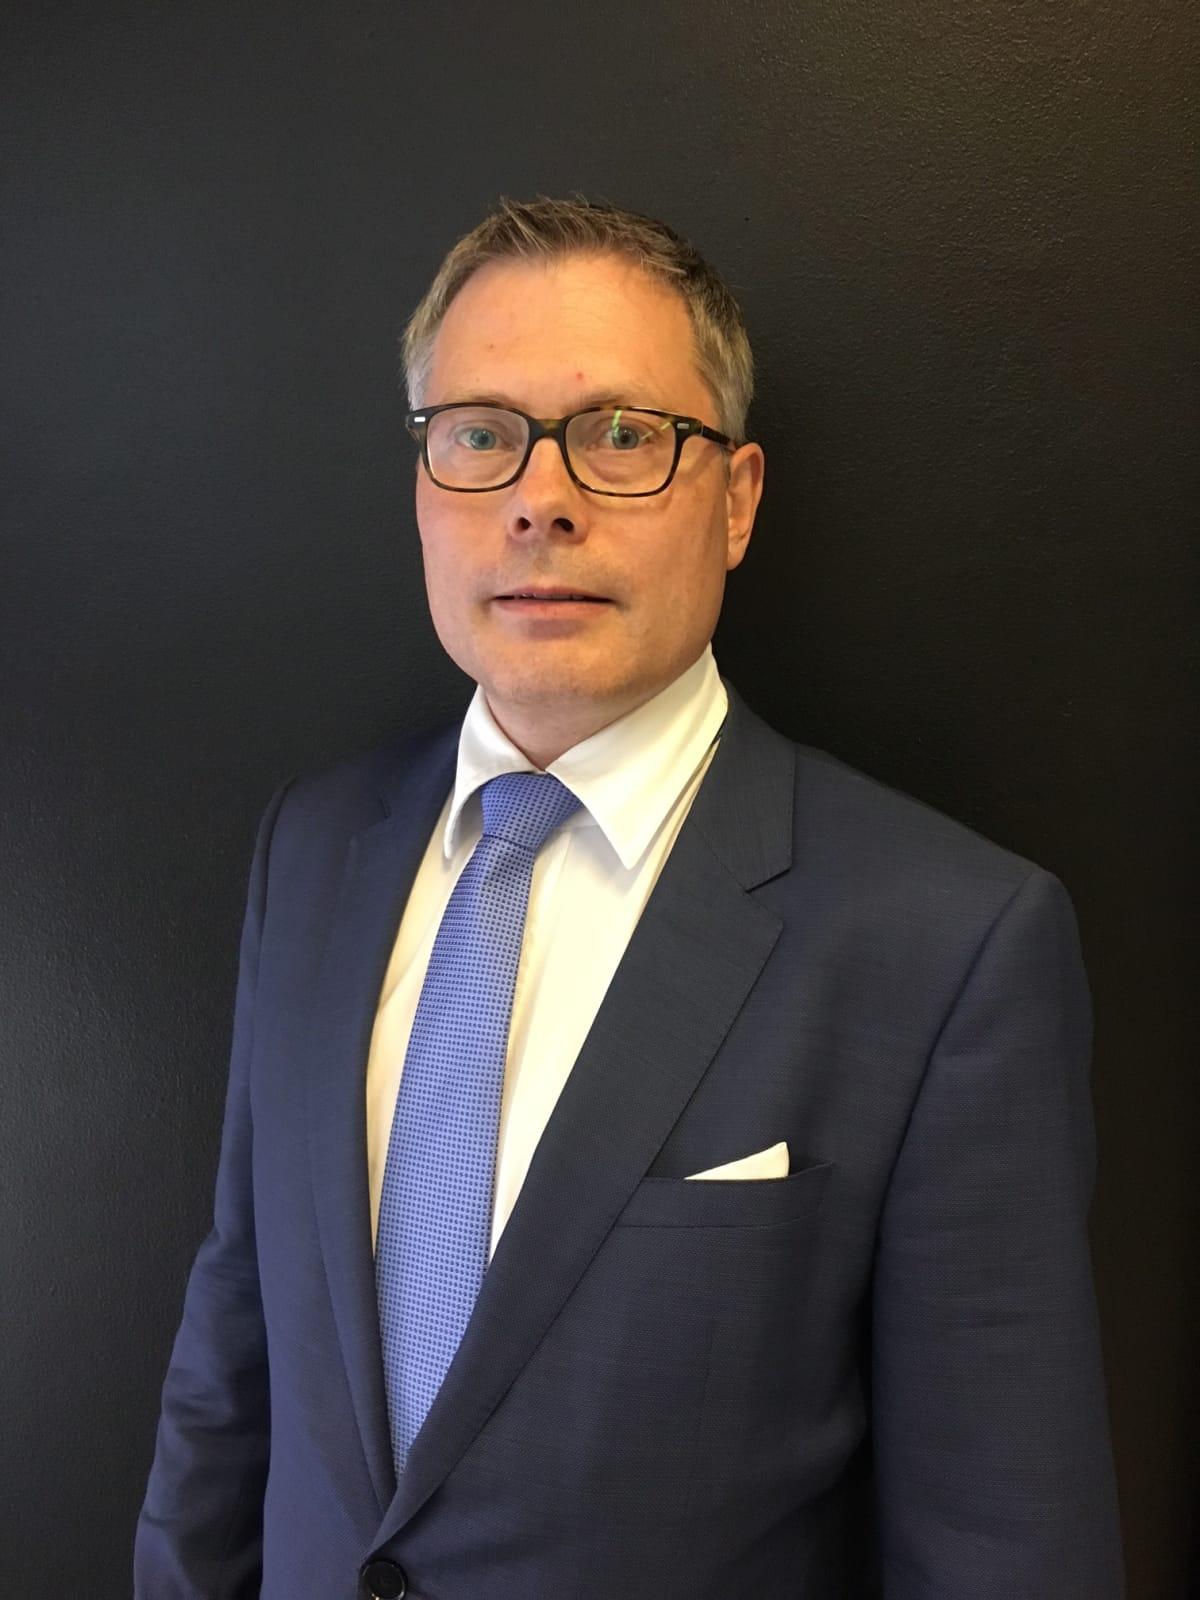 Suomen pysäköintilalan liiton puheenjohtaja Juha Sirelius